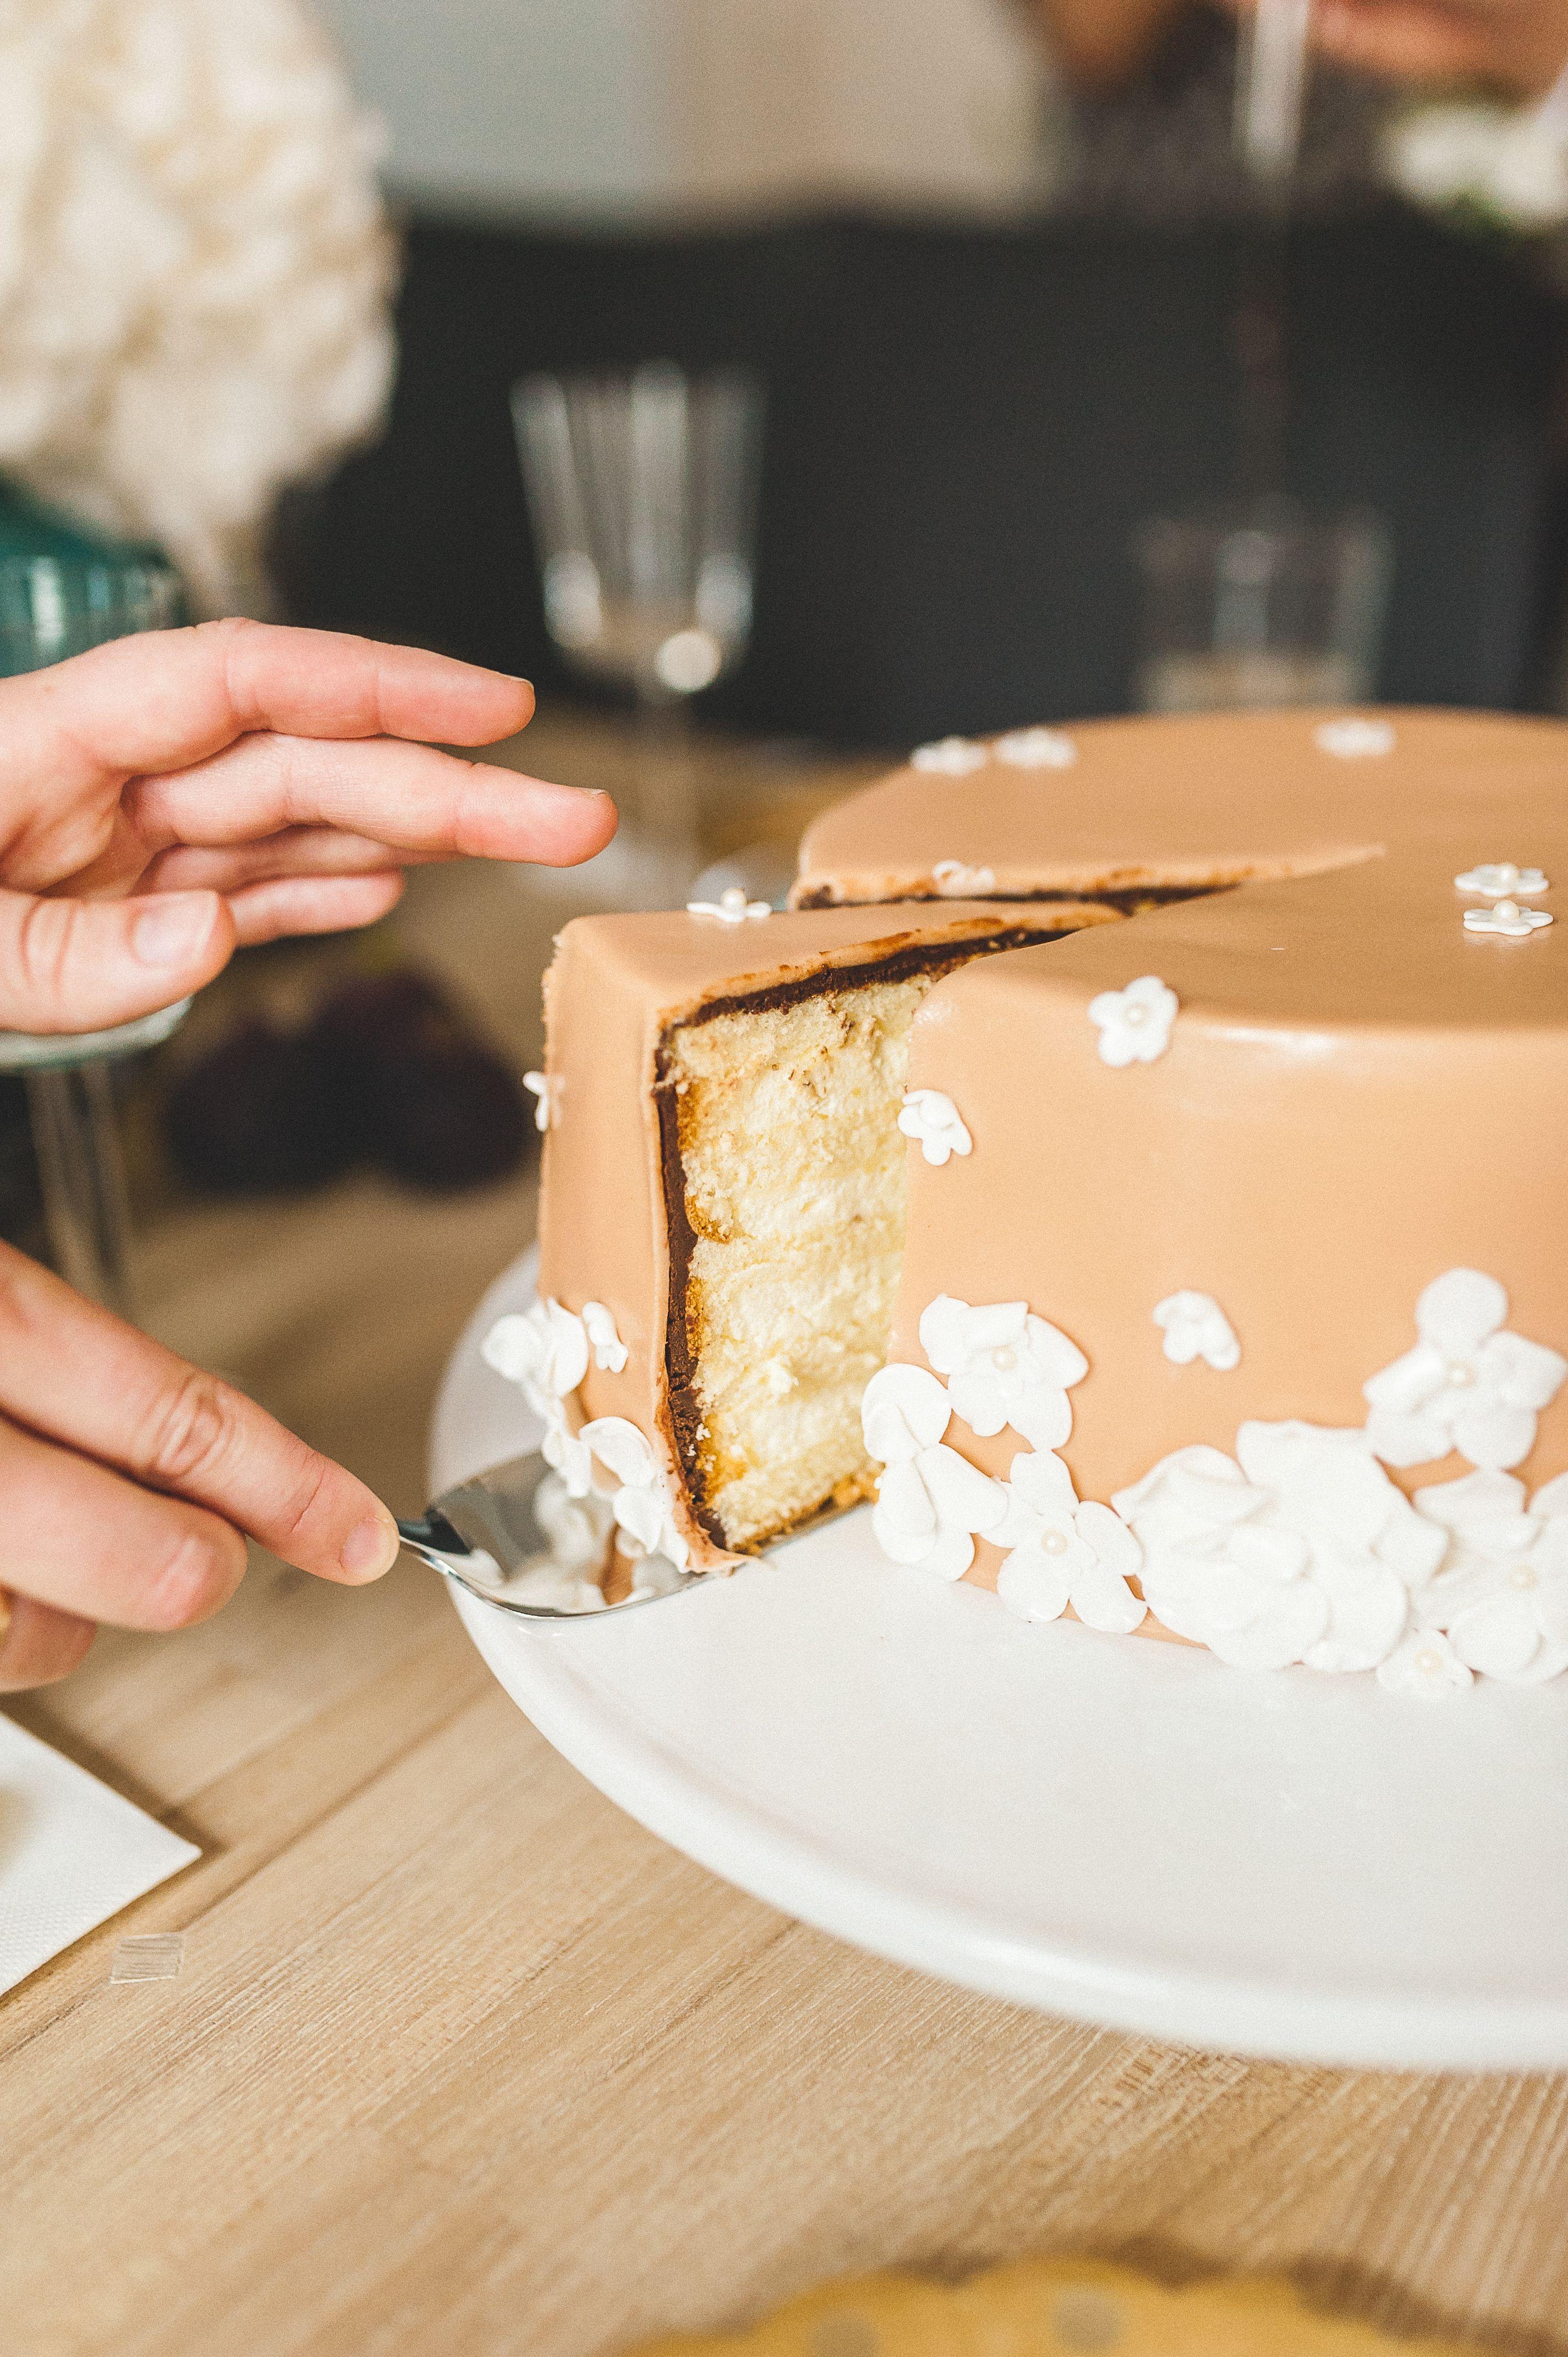 Modern Babyparty: Lecker Kuchen! // Yummy Cake! Www.anna Veranstaltet